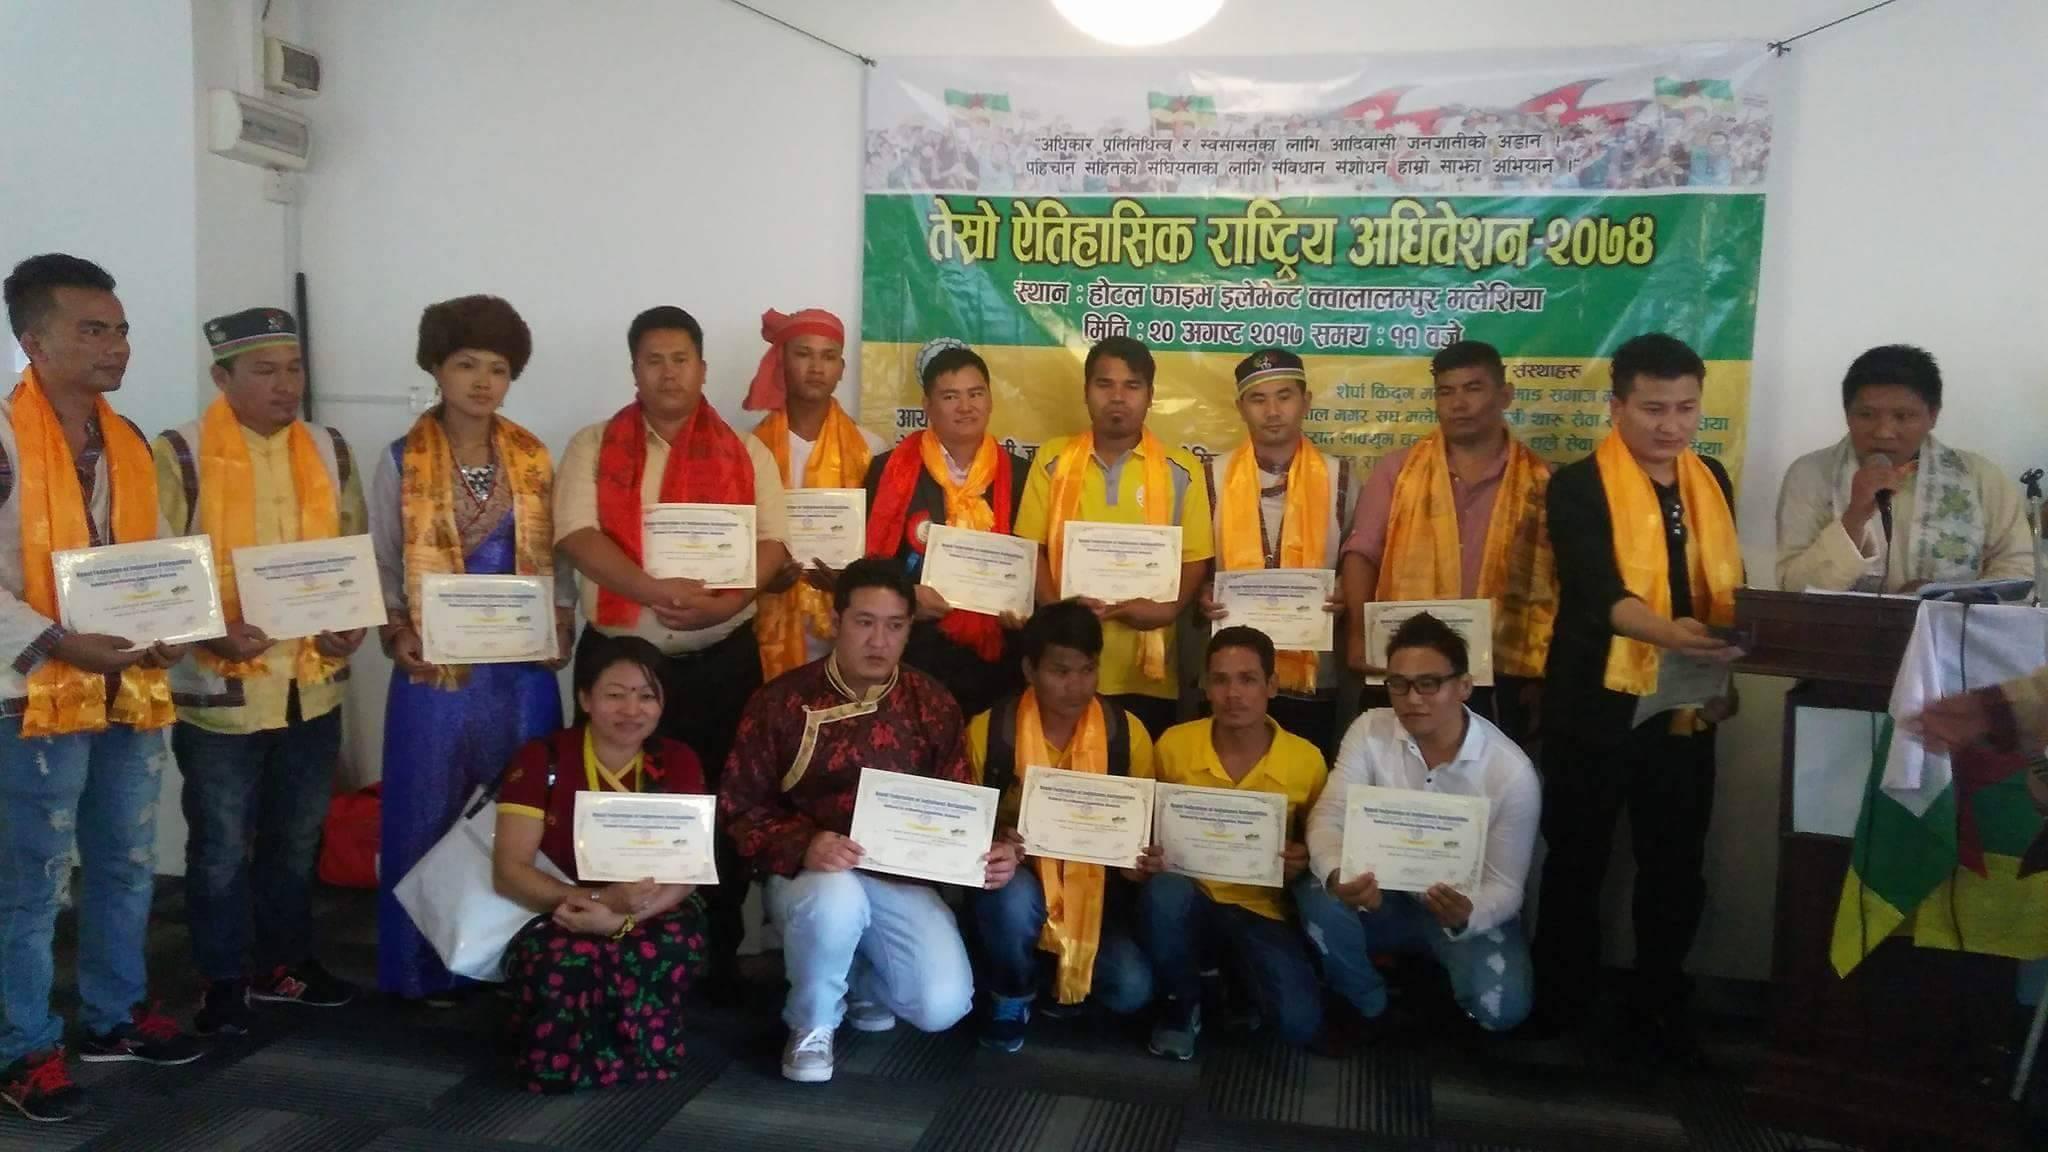 २३ औं विश्व आदिवासी जनजाति दिवस तथा तेस्रो महाधिवेशन सम्पन्न